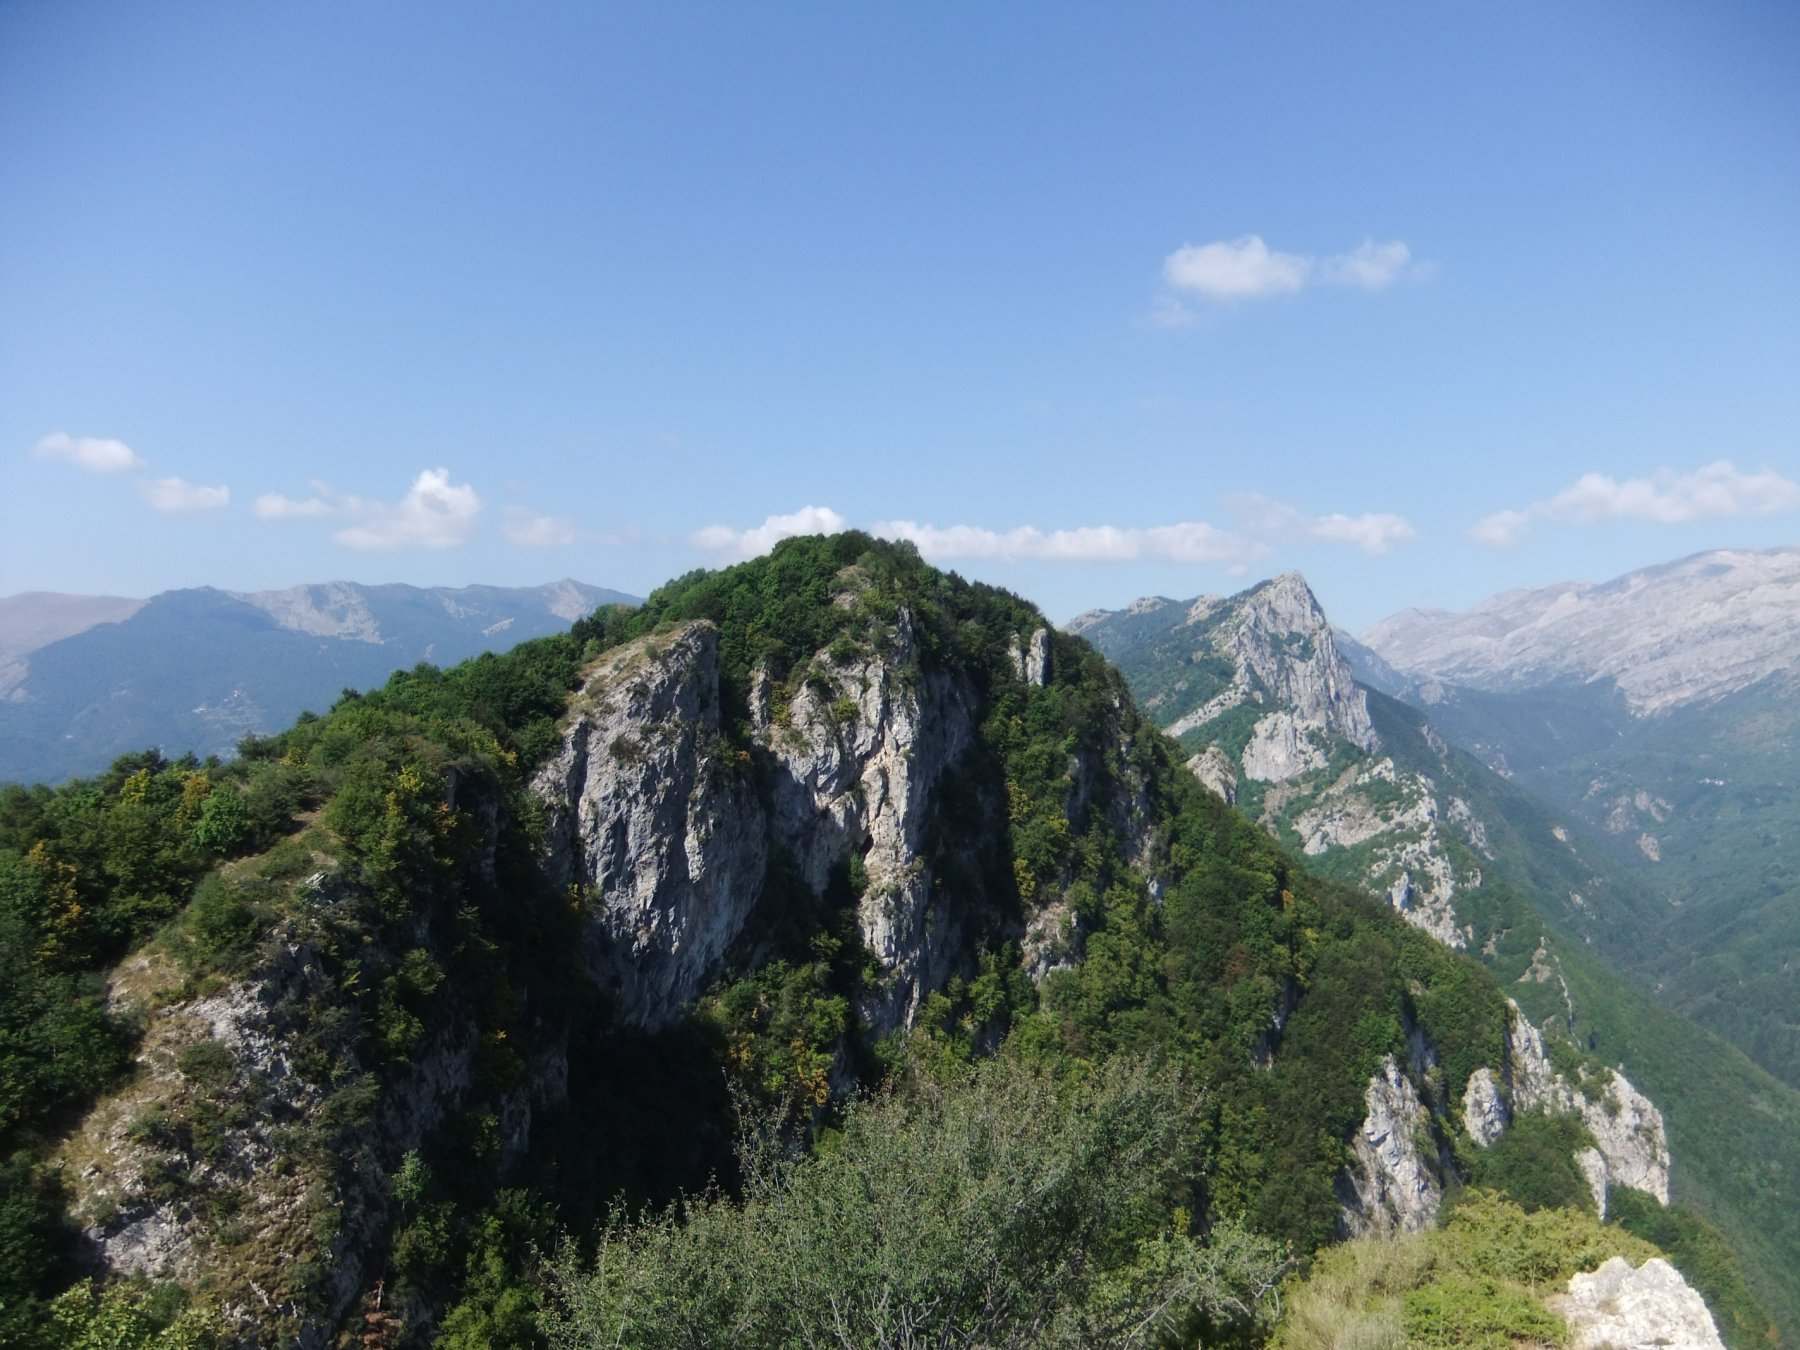 Bric Cornia da propaggini Monte dei Cancelli